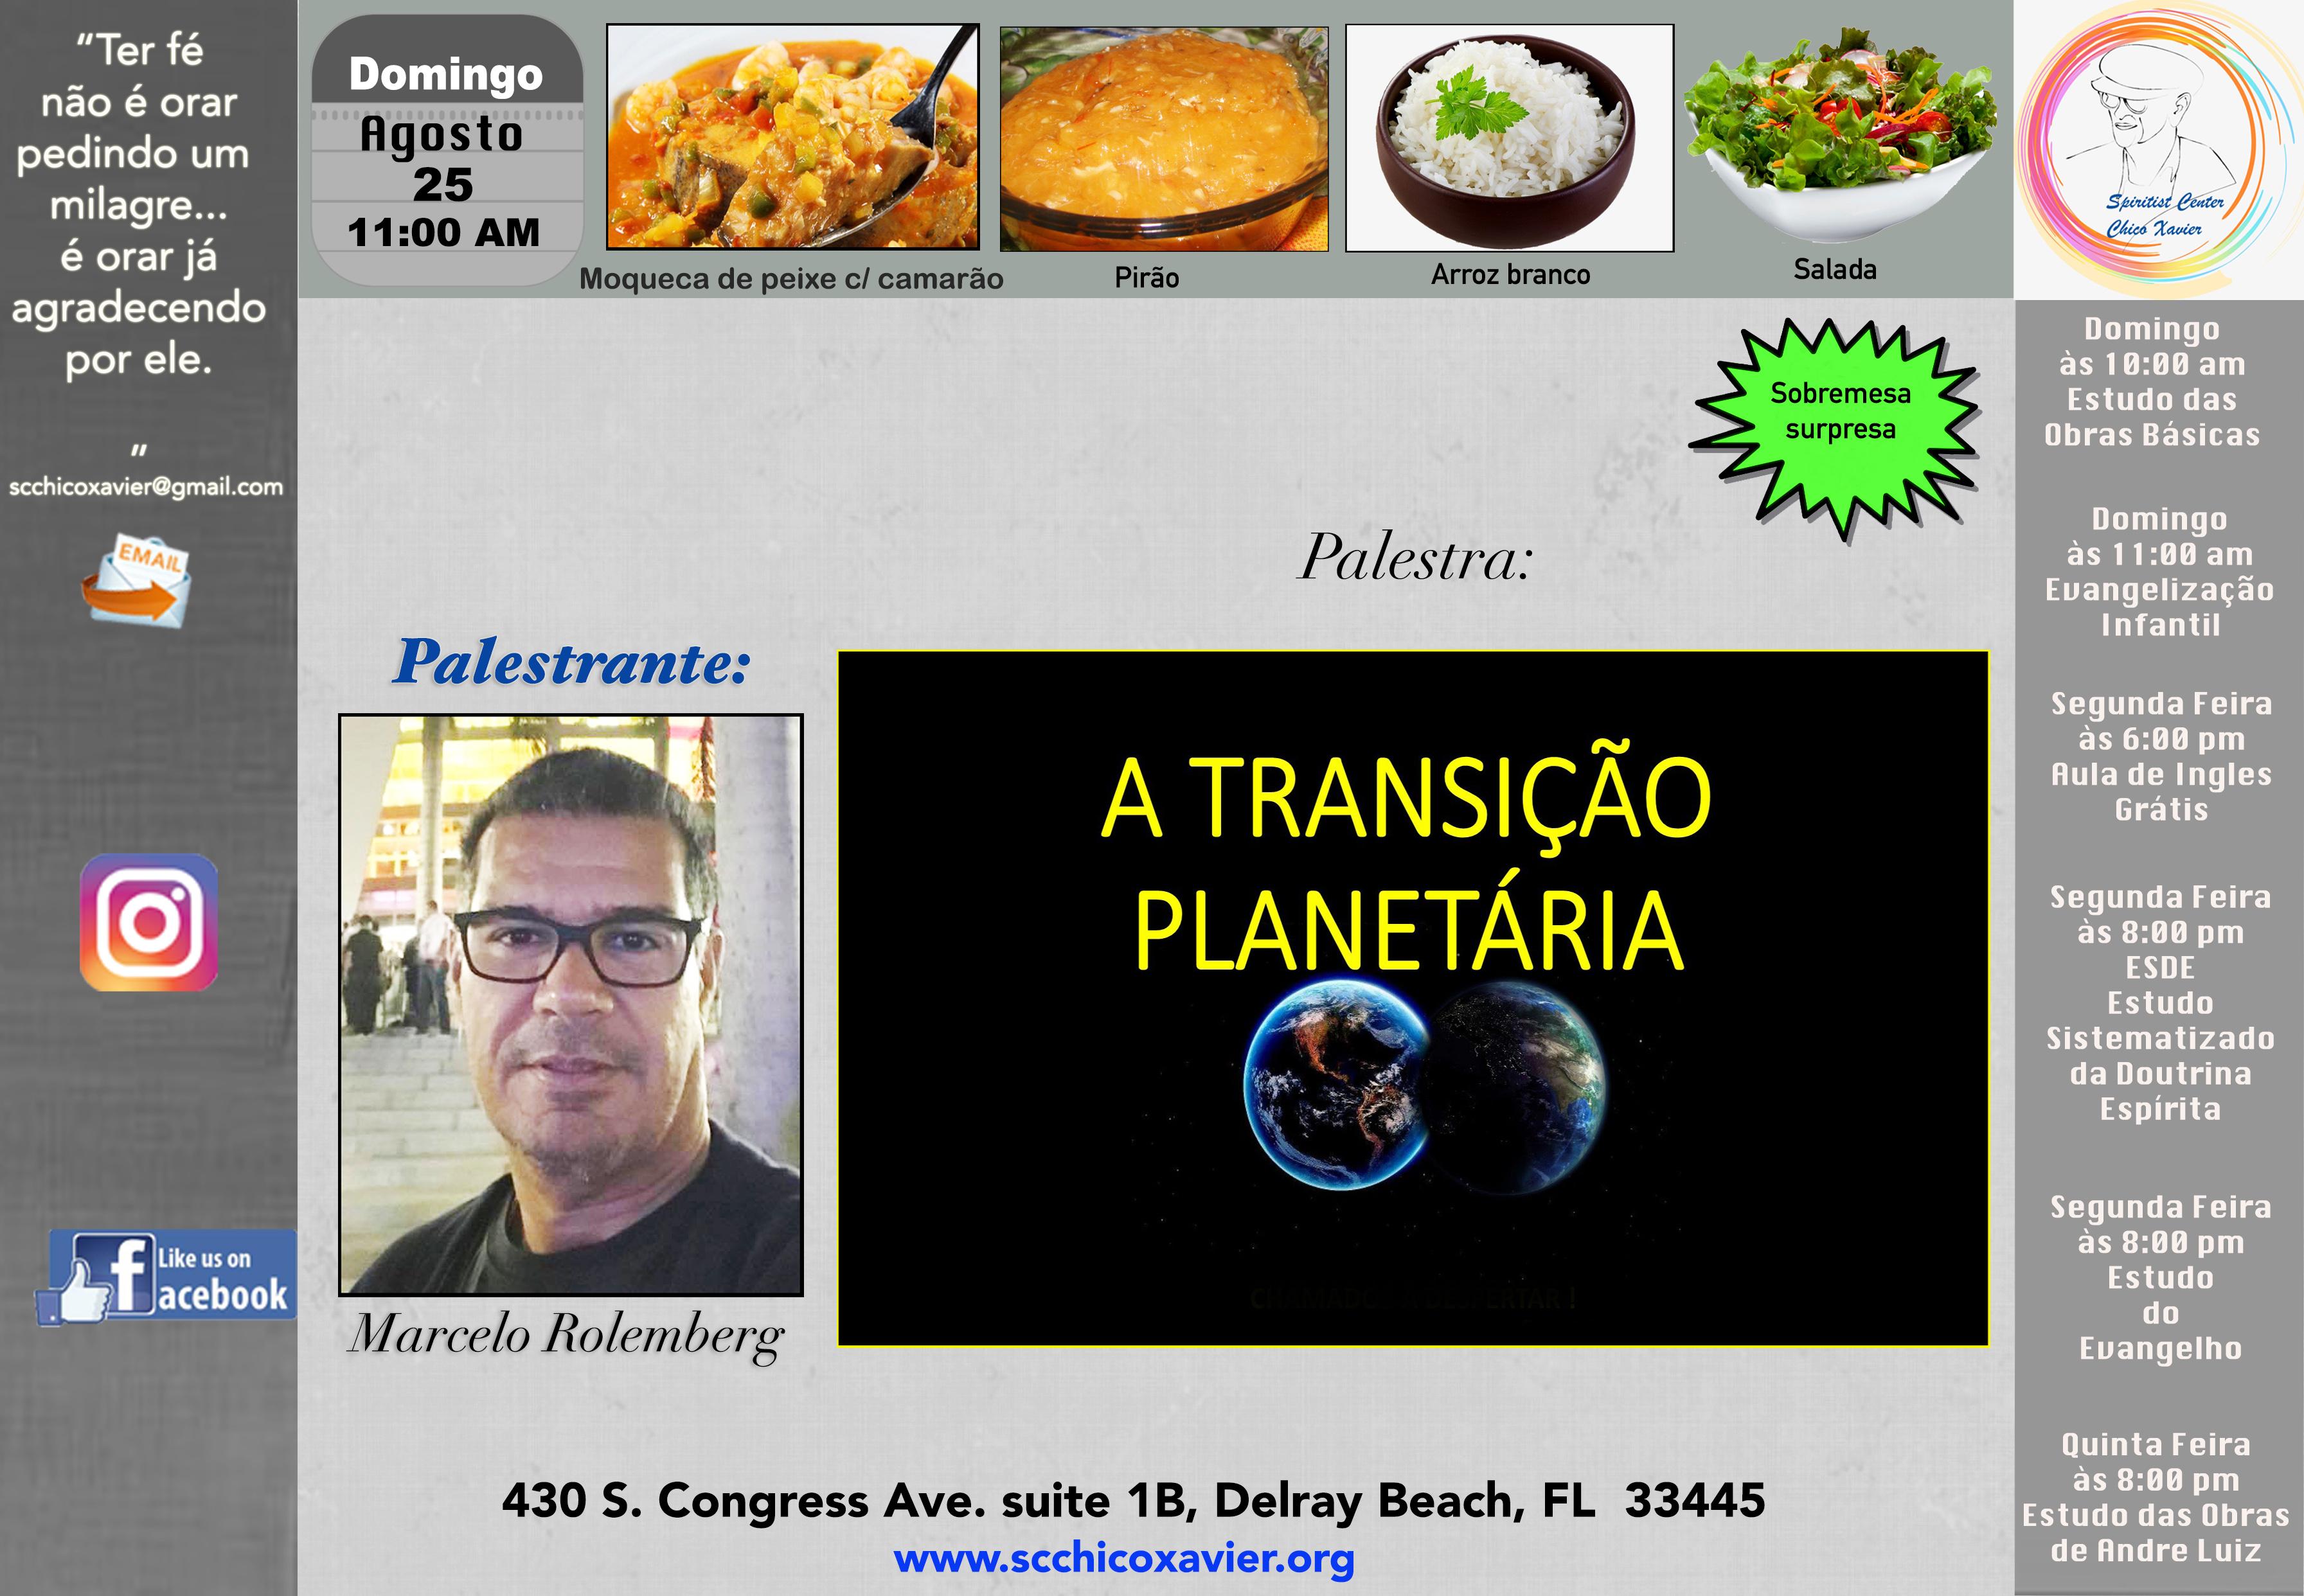 Marcelo Rolemberg - A transição Planetária